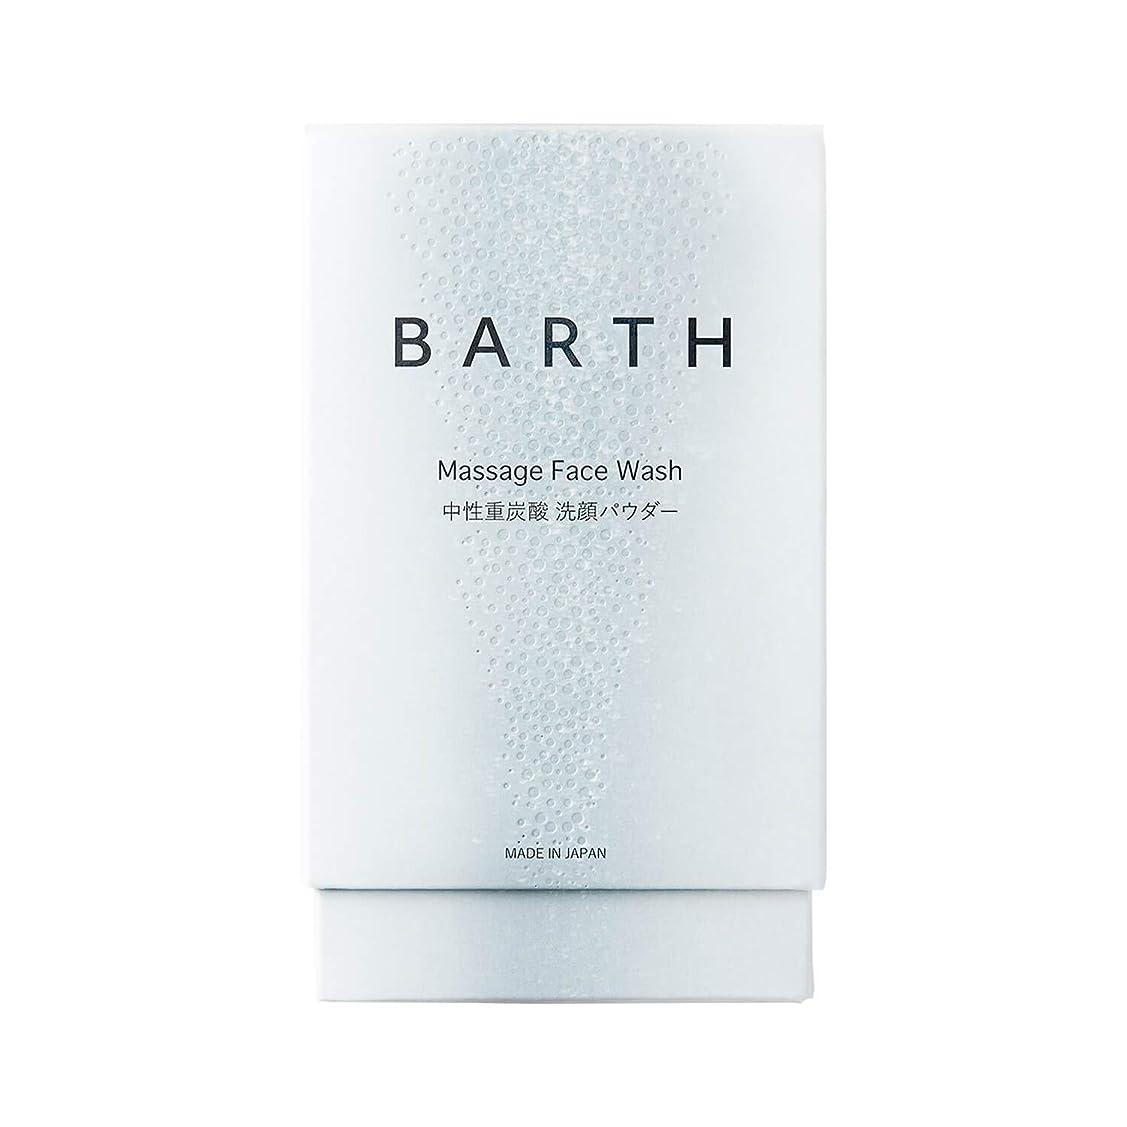 汚染するタッチ入場BARTH【バース】中性 重炭酸 洗顔パウダー 30包タイプ(無添加 炭酸パック 洗顔料 個包装タイプ)